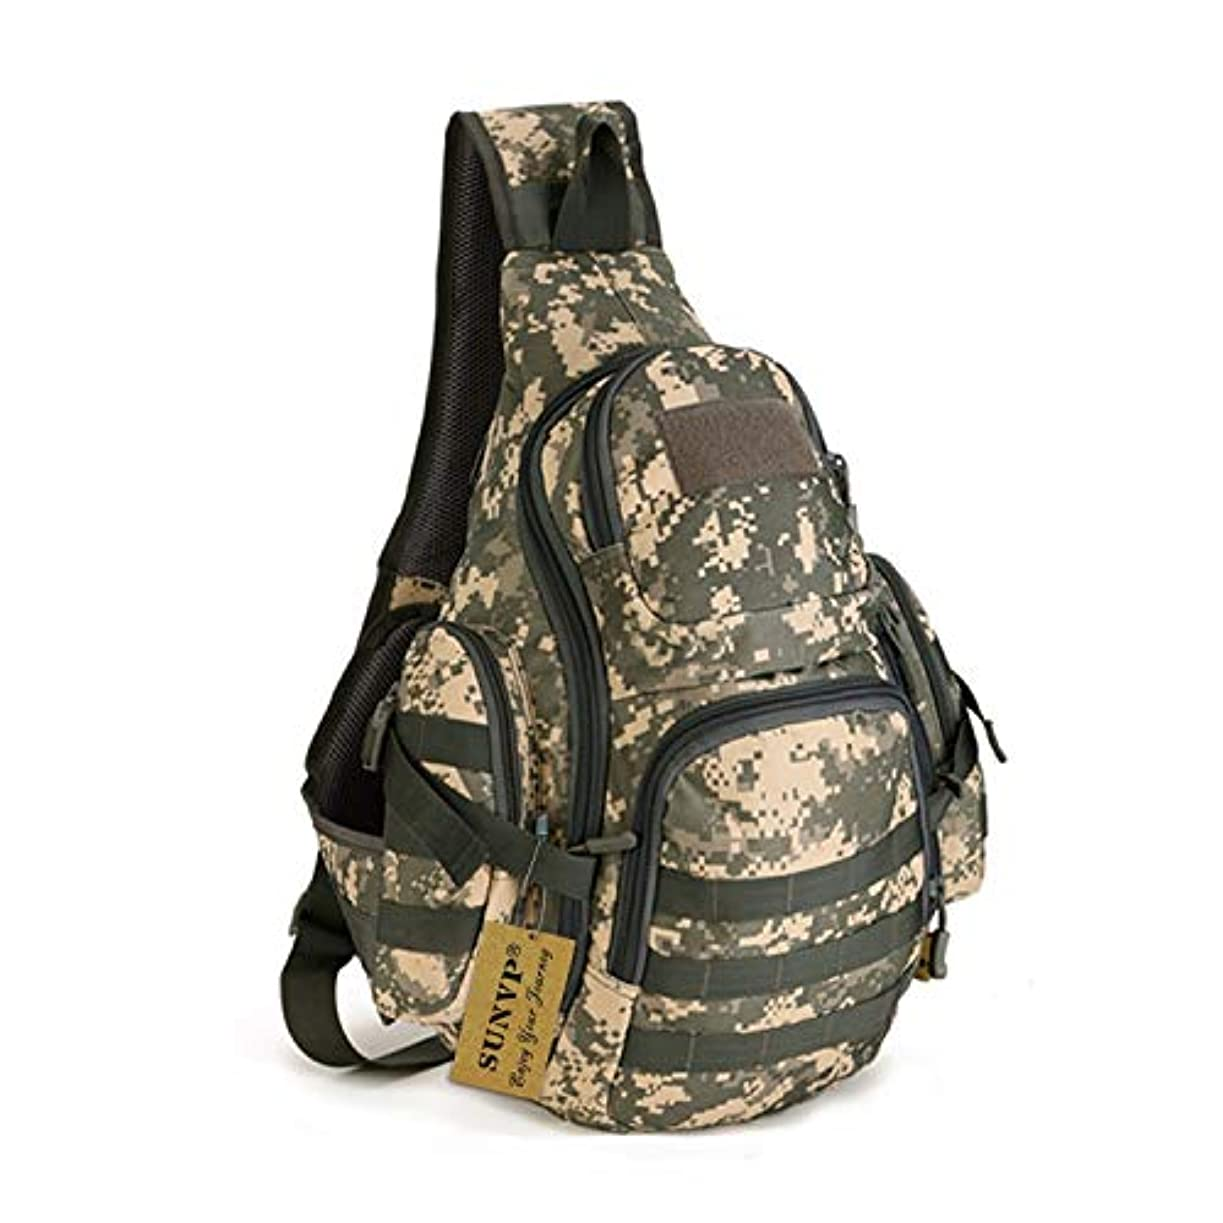 鎮痛剤電話の前でProtector Plus Tactical Military Daypack Sling Chest Pack Bag Molle Laptop Backpack Large Shoulder Bag Crossbody Duty Gear For Hunting Camping Trekking [並行輸入品]